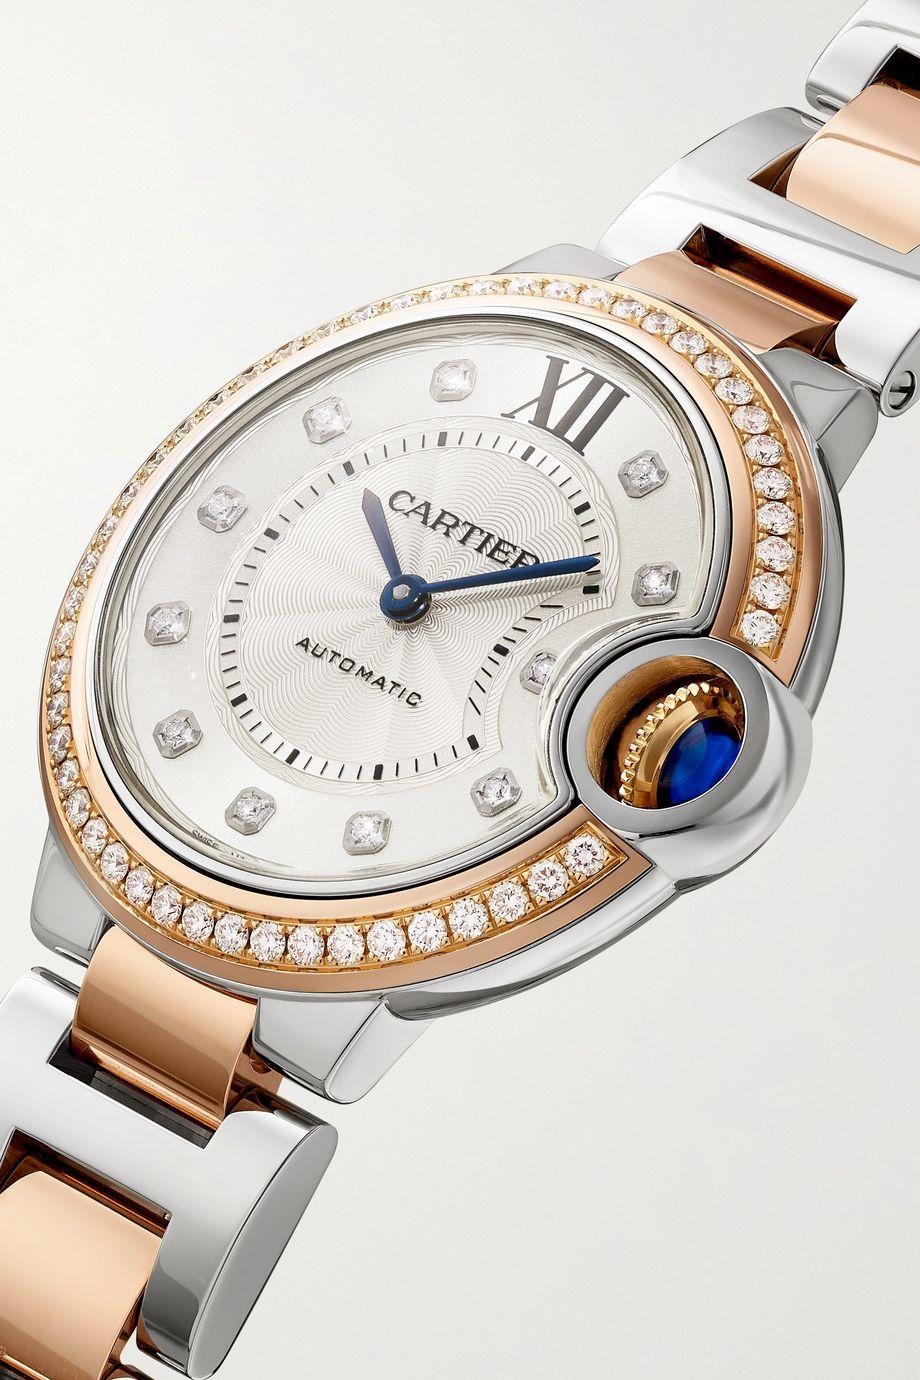 Cartier Ballon Bleu de Cartier Automatic 33 mm Uhr aus 18 Karat Roségold und Edelstahl